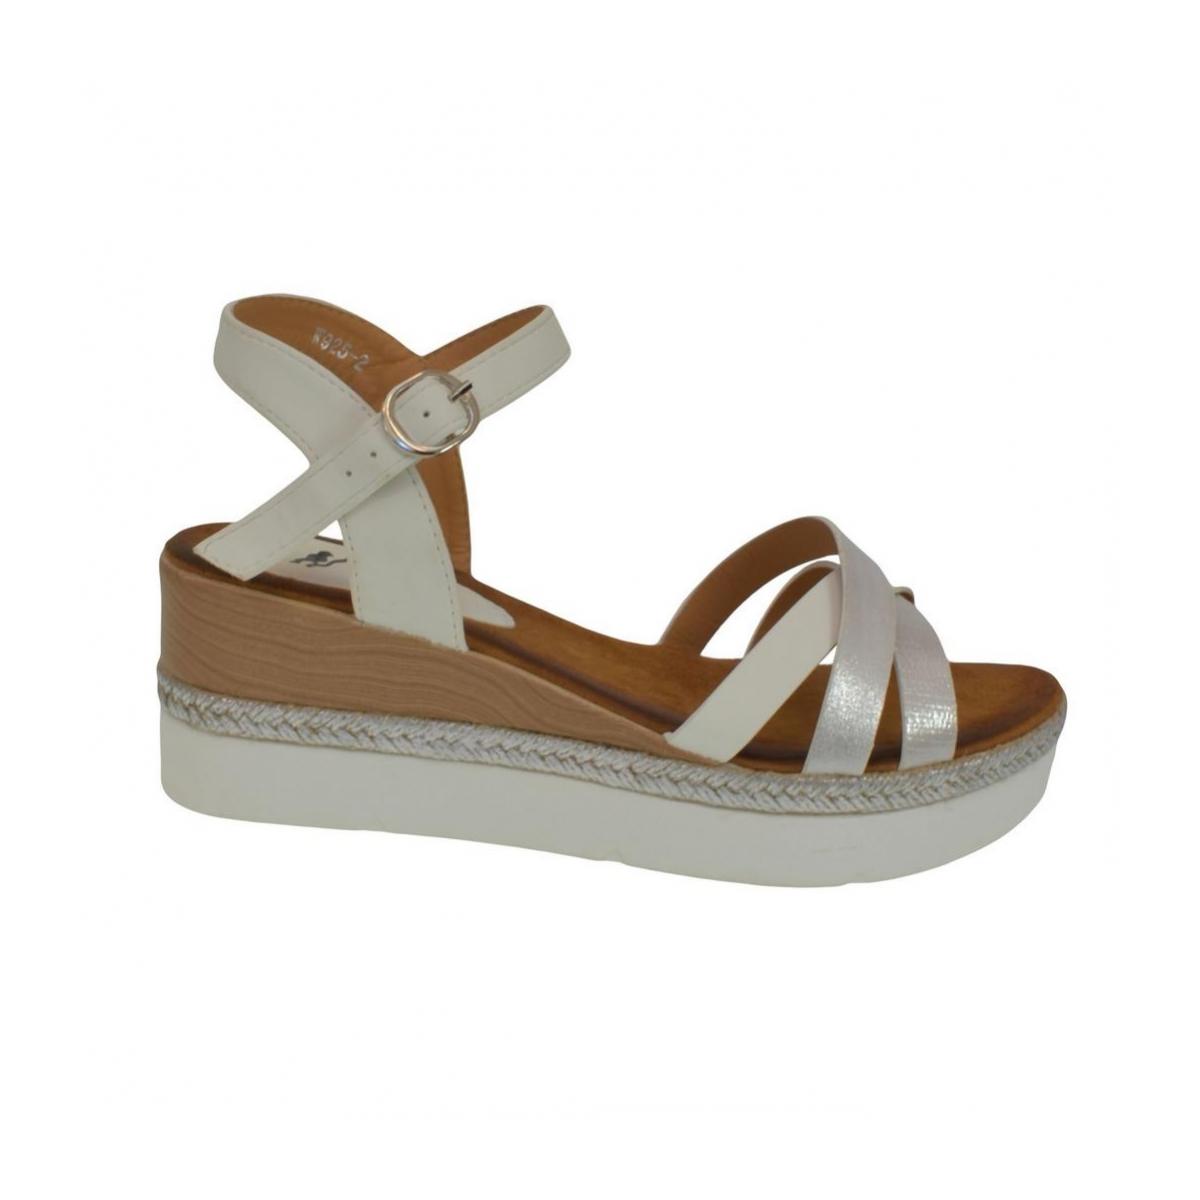 2a8258492cbd Dámske biele sandále RILLA - 4